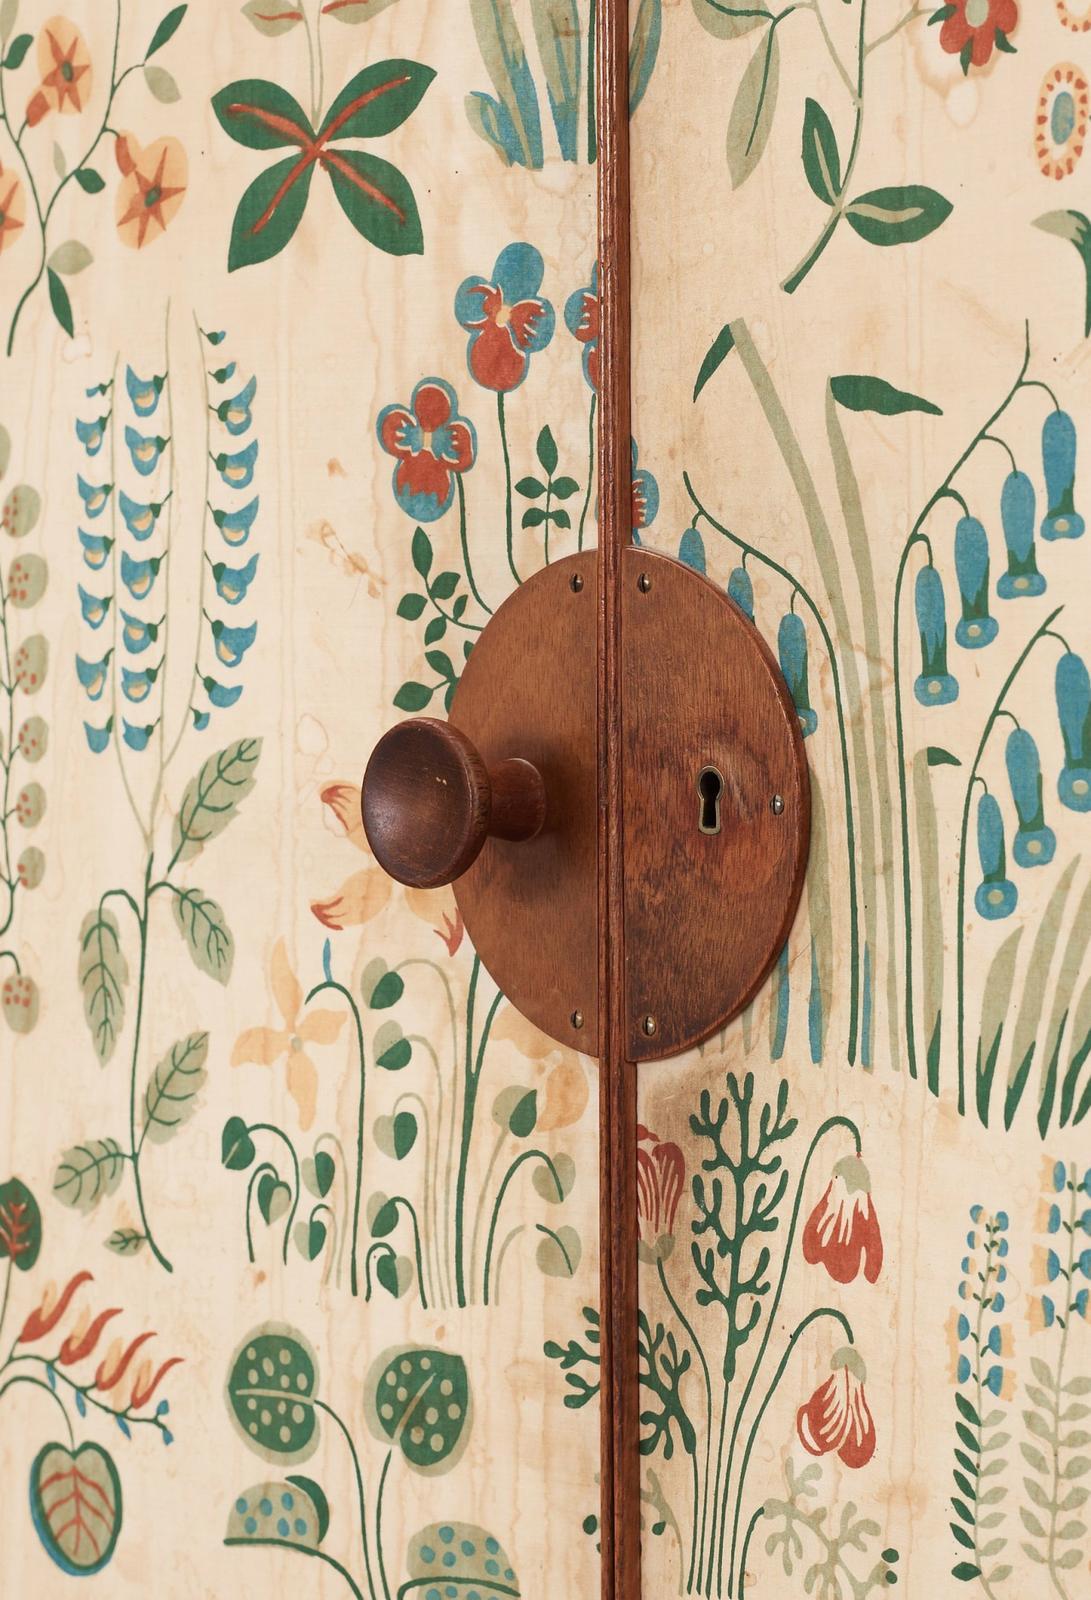 Inšpirované herbárom a botanickou záhradou - Obrázok č. 59